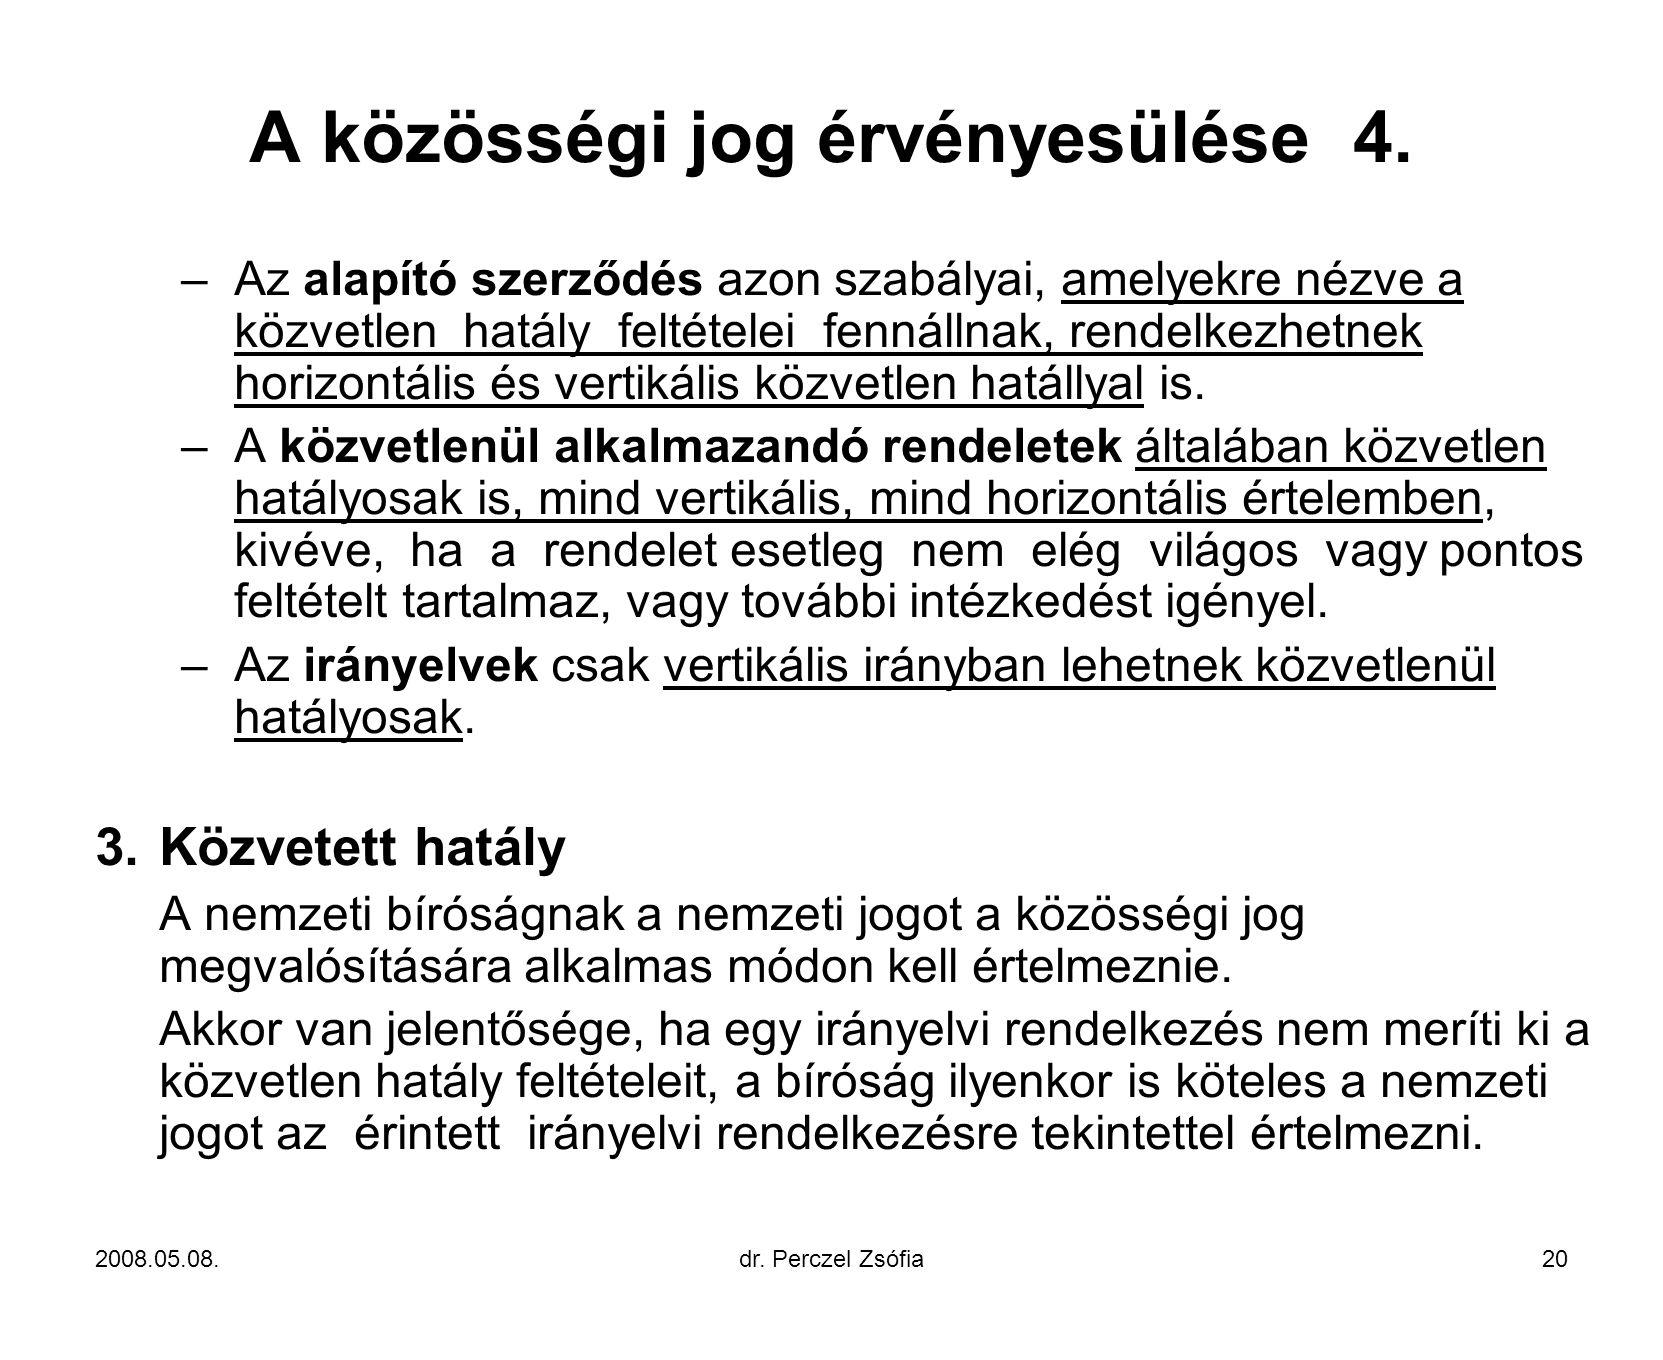 A közösségi jog érvényesülése 4.